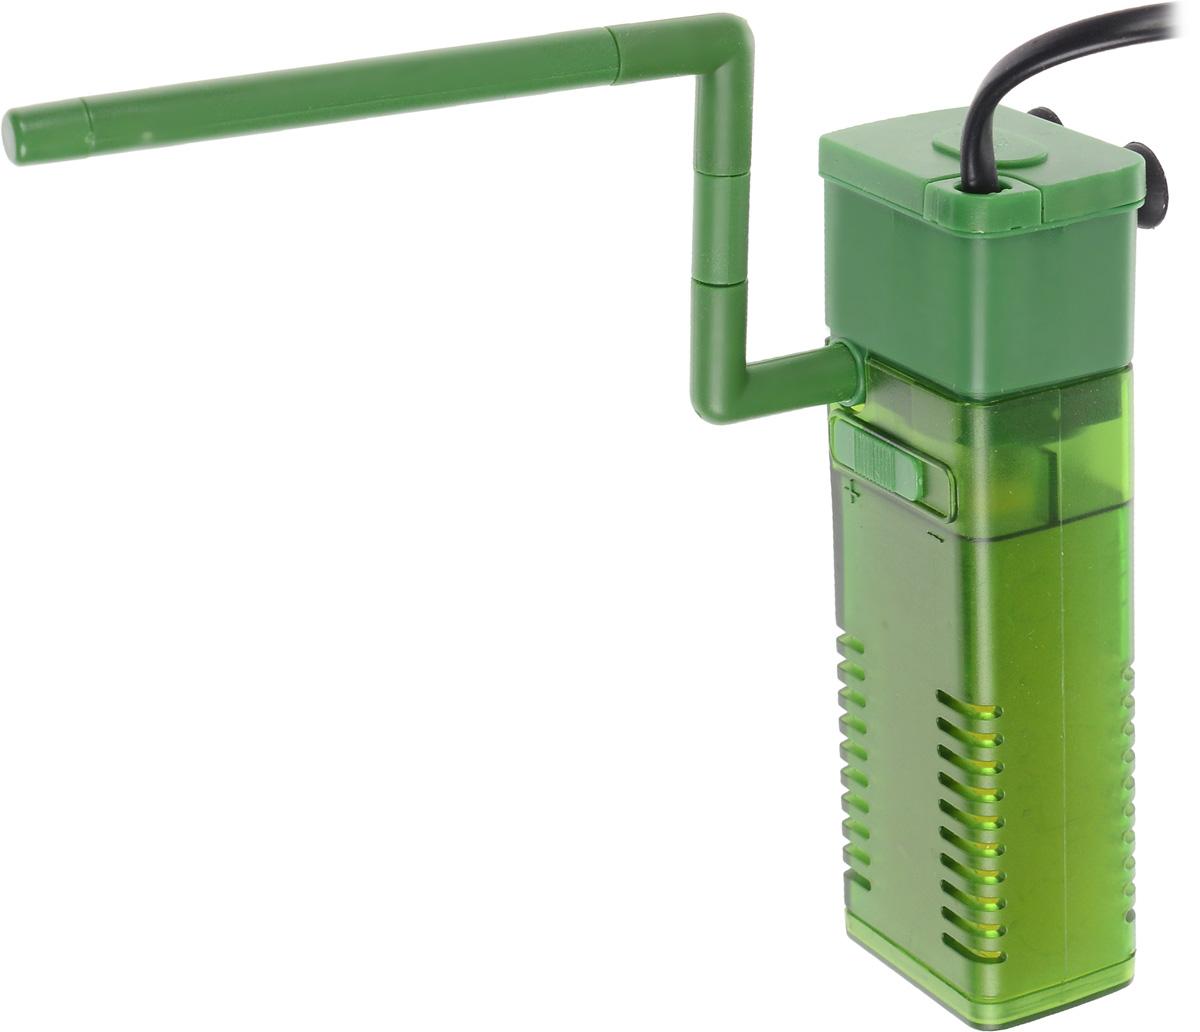 Фильтр для воды Barbus WP- 320F, аквариумный, с регулятором и флейтой, 500 л/ч фильтр для аквариума barbus wp 310f внутренний с регулятором и флейтой 200 л ч